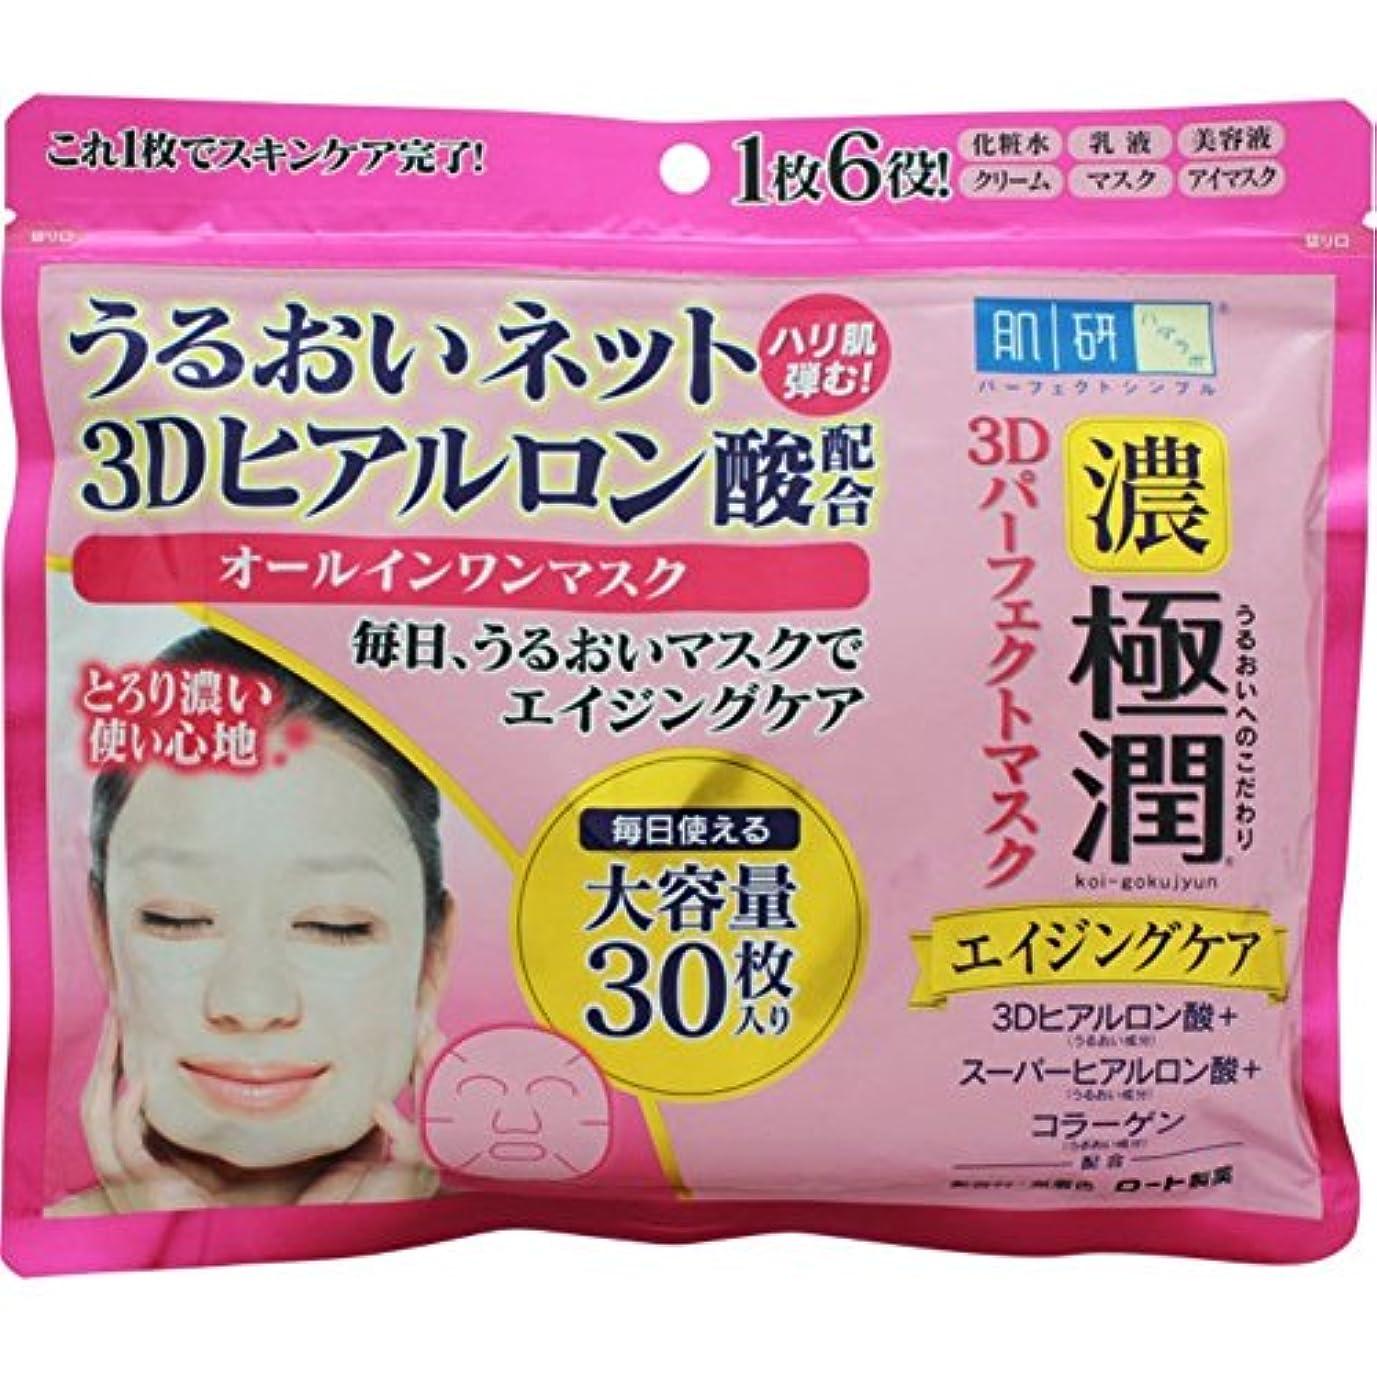 性差別クリークランタン肌研(ハダラボ) 極潤 3Dパーフェクトマスク 30枚 (350mL)